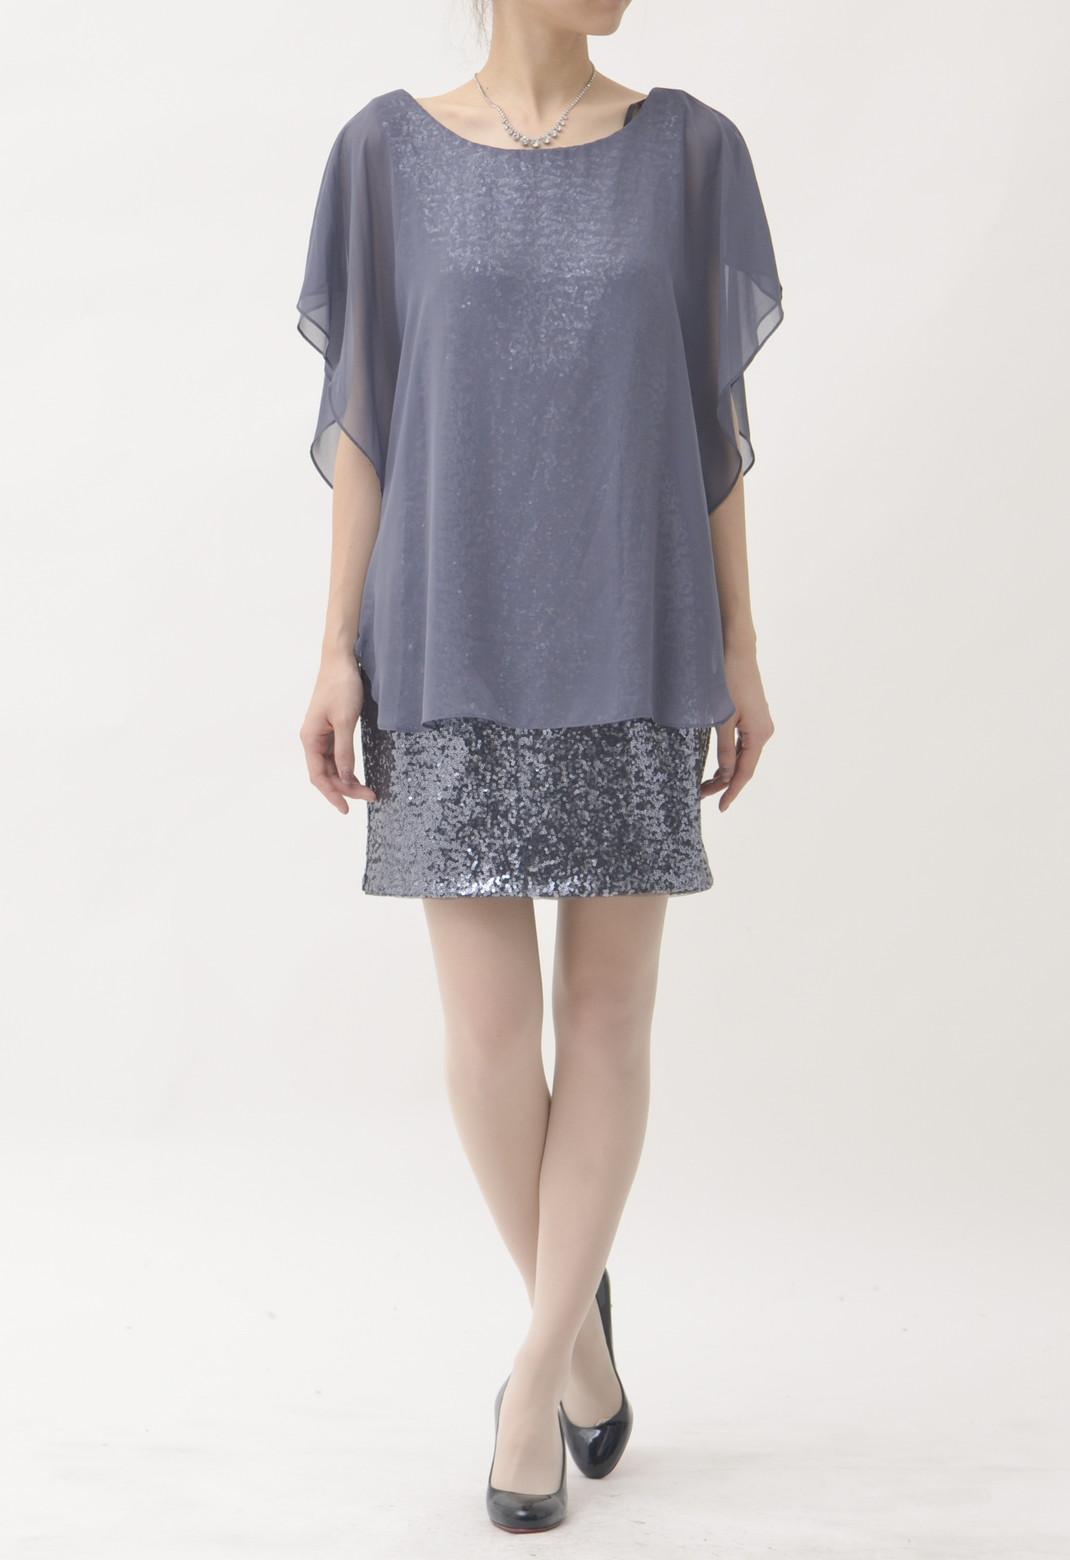 シフォン×スパンコール 半袖 ドレス